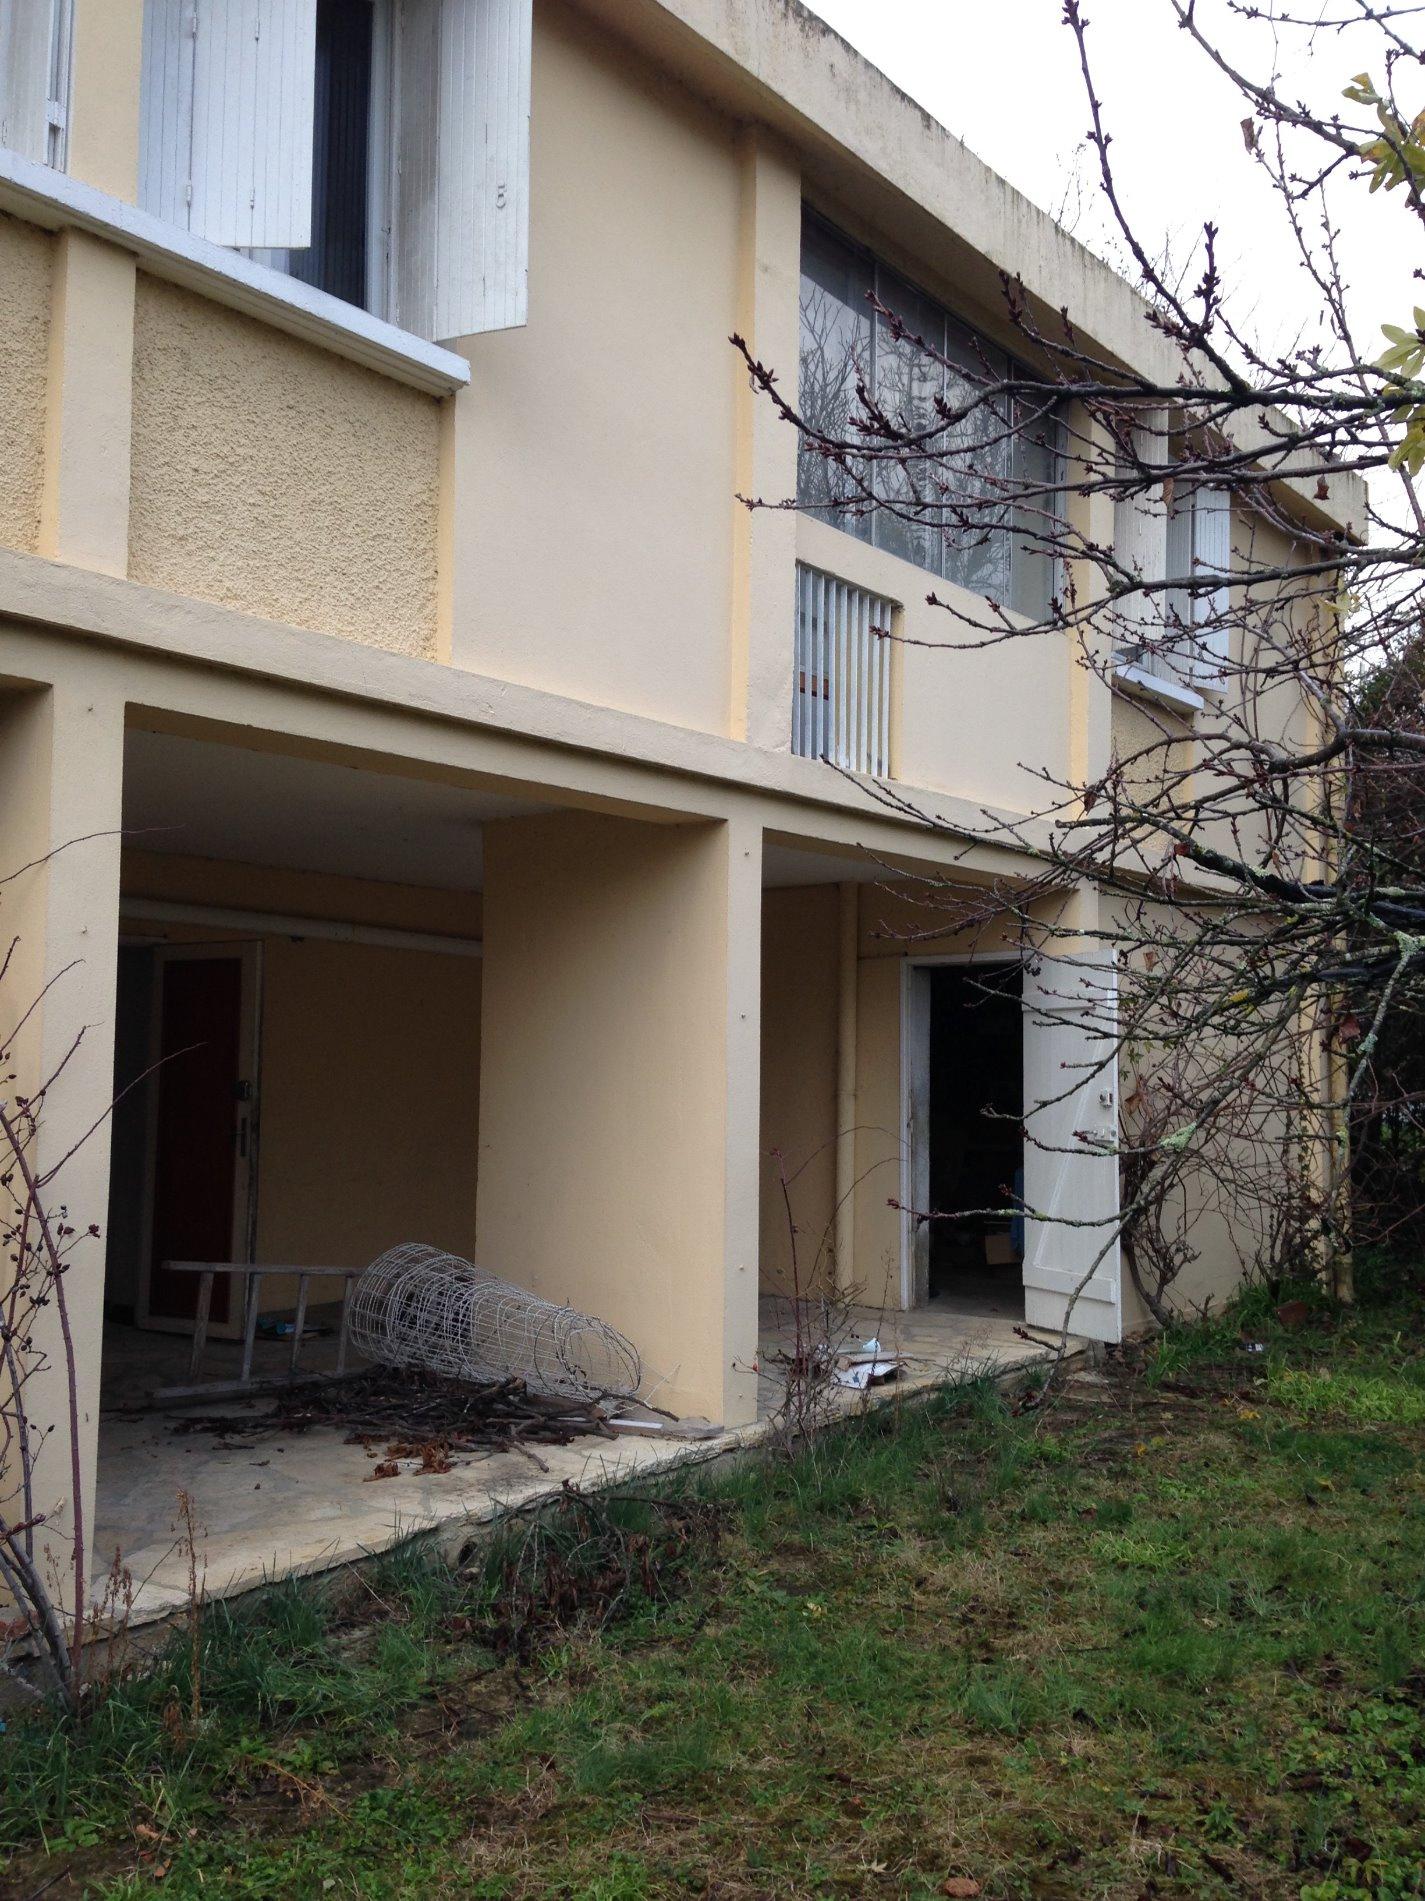 Interesting la terrasse maison familiale type au calme for Maison familiale toulouse